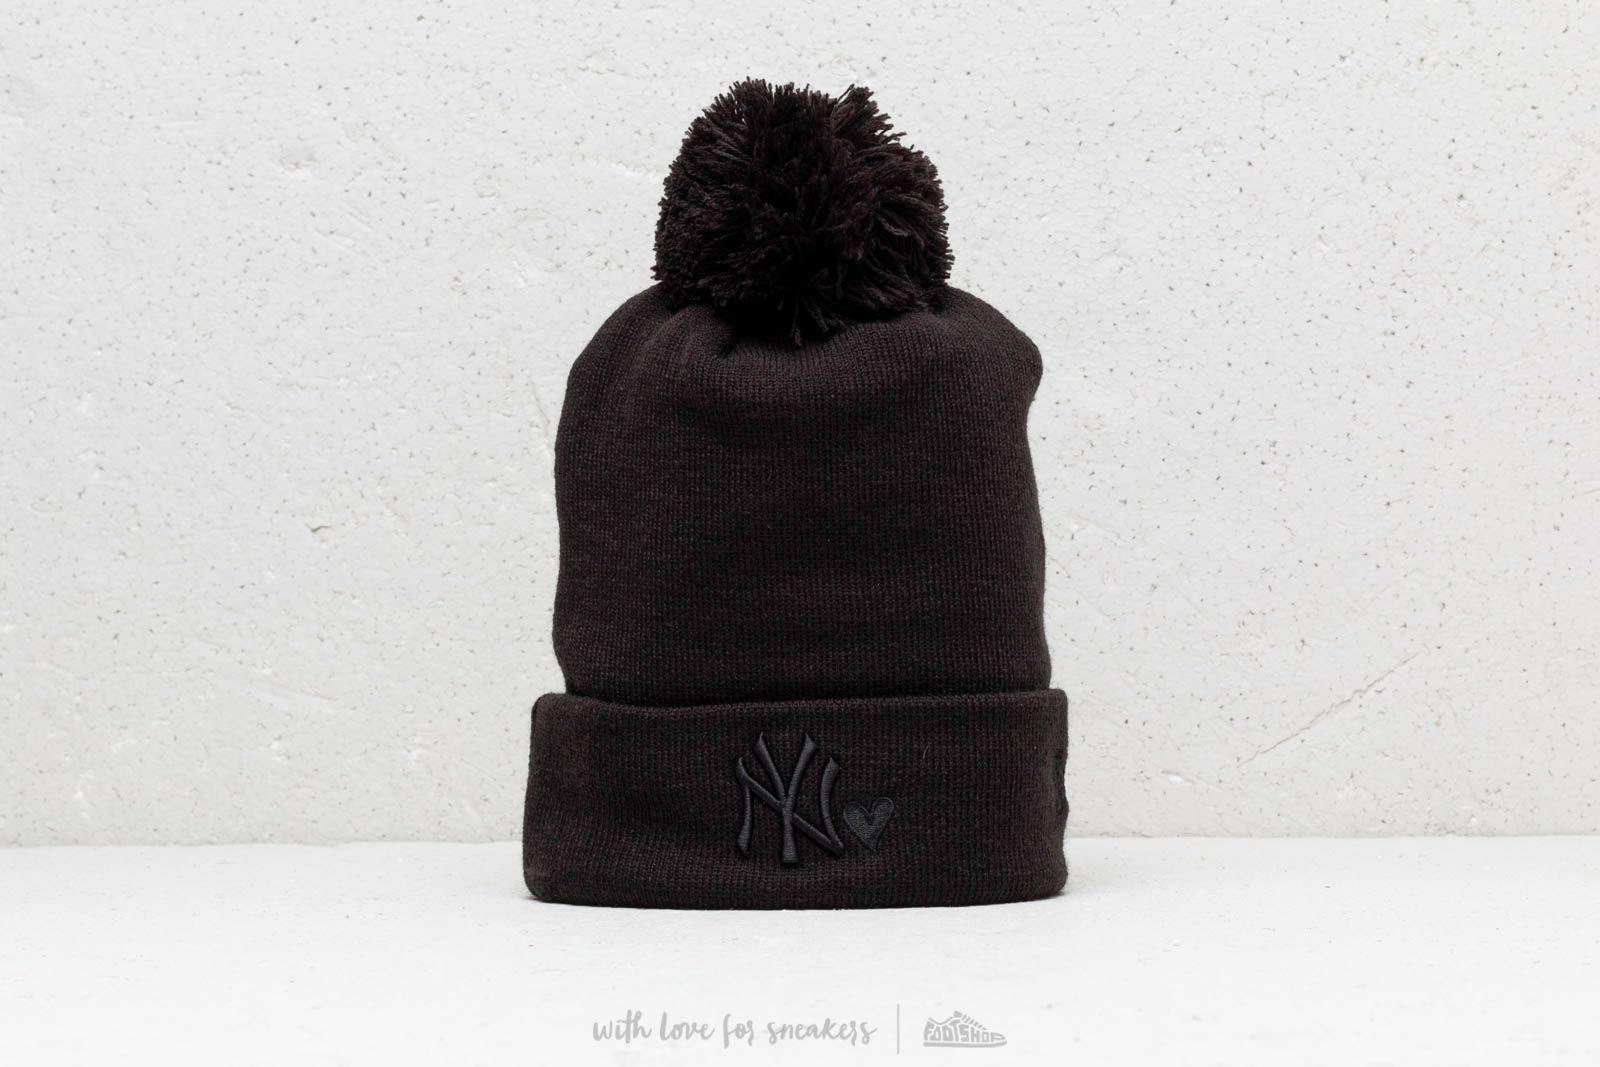 9b7a43d8fb1 New Era MLB NY Yankees Heart Knit Beanie Black